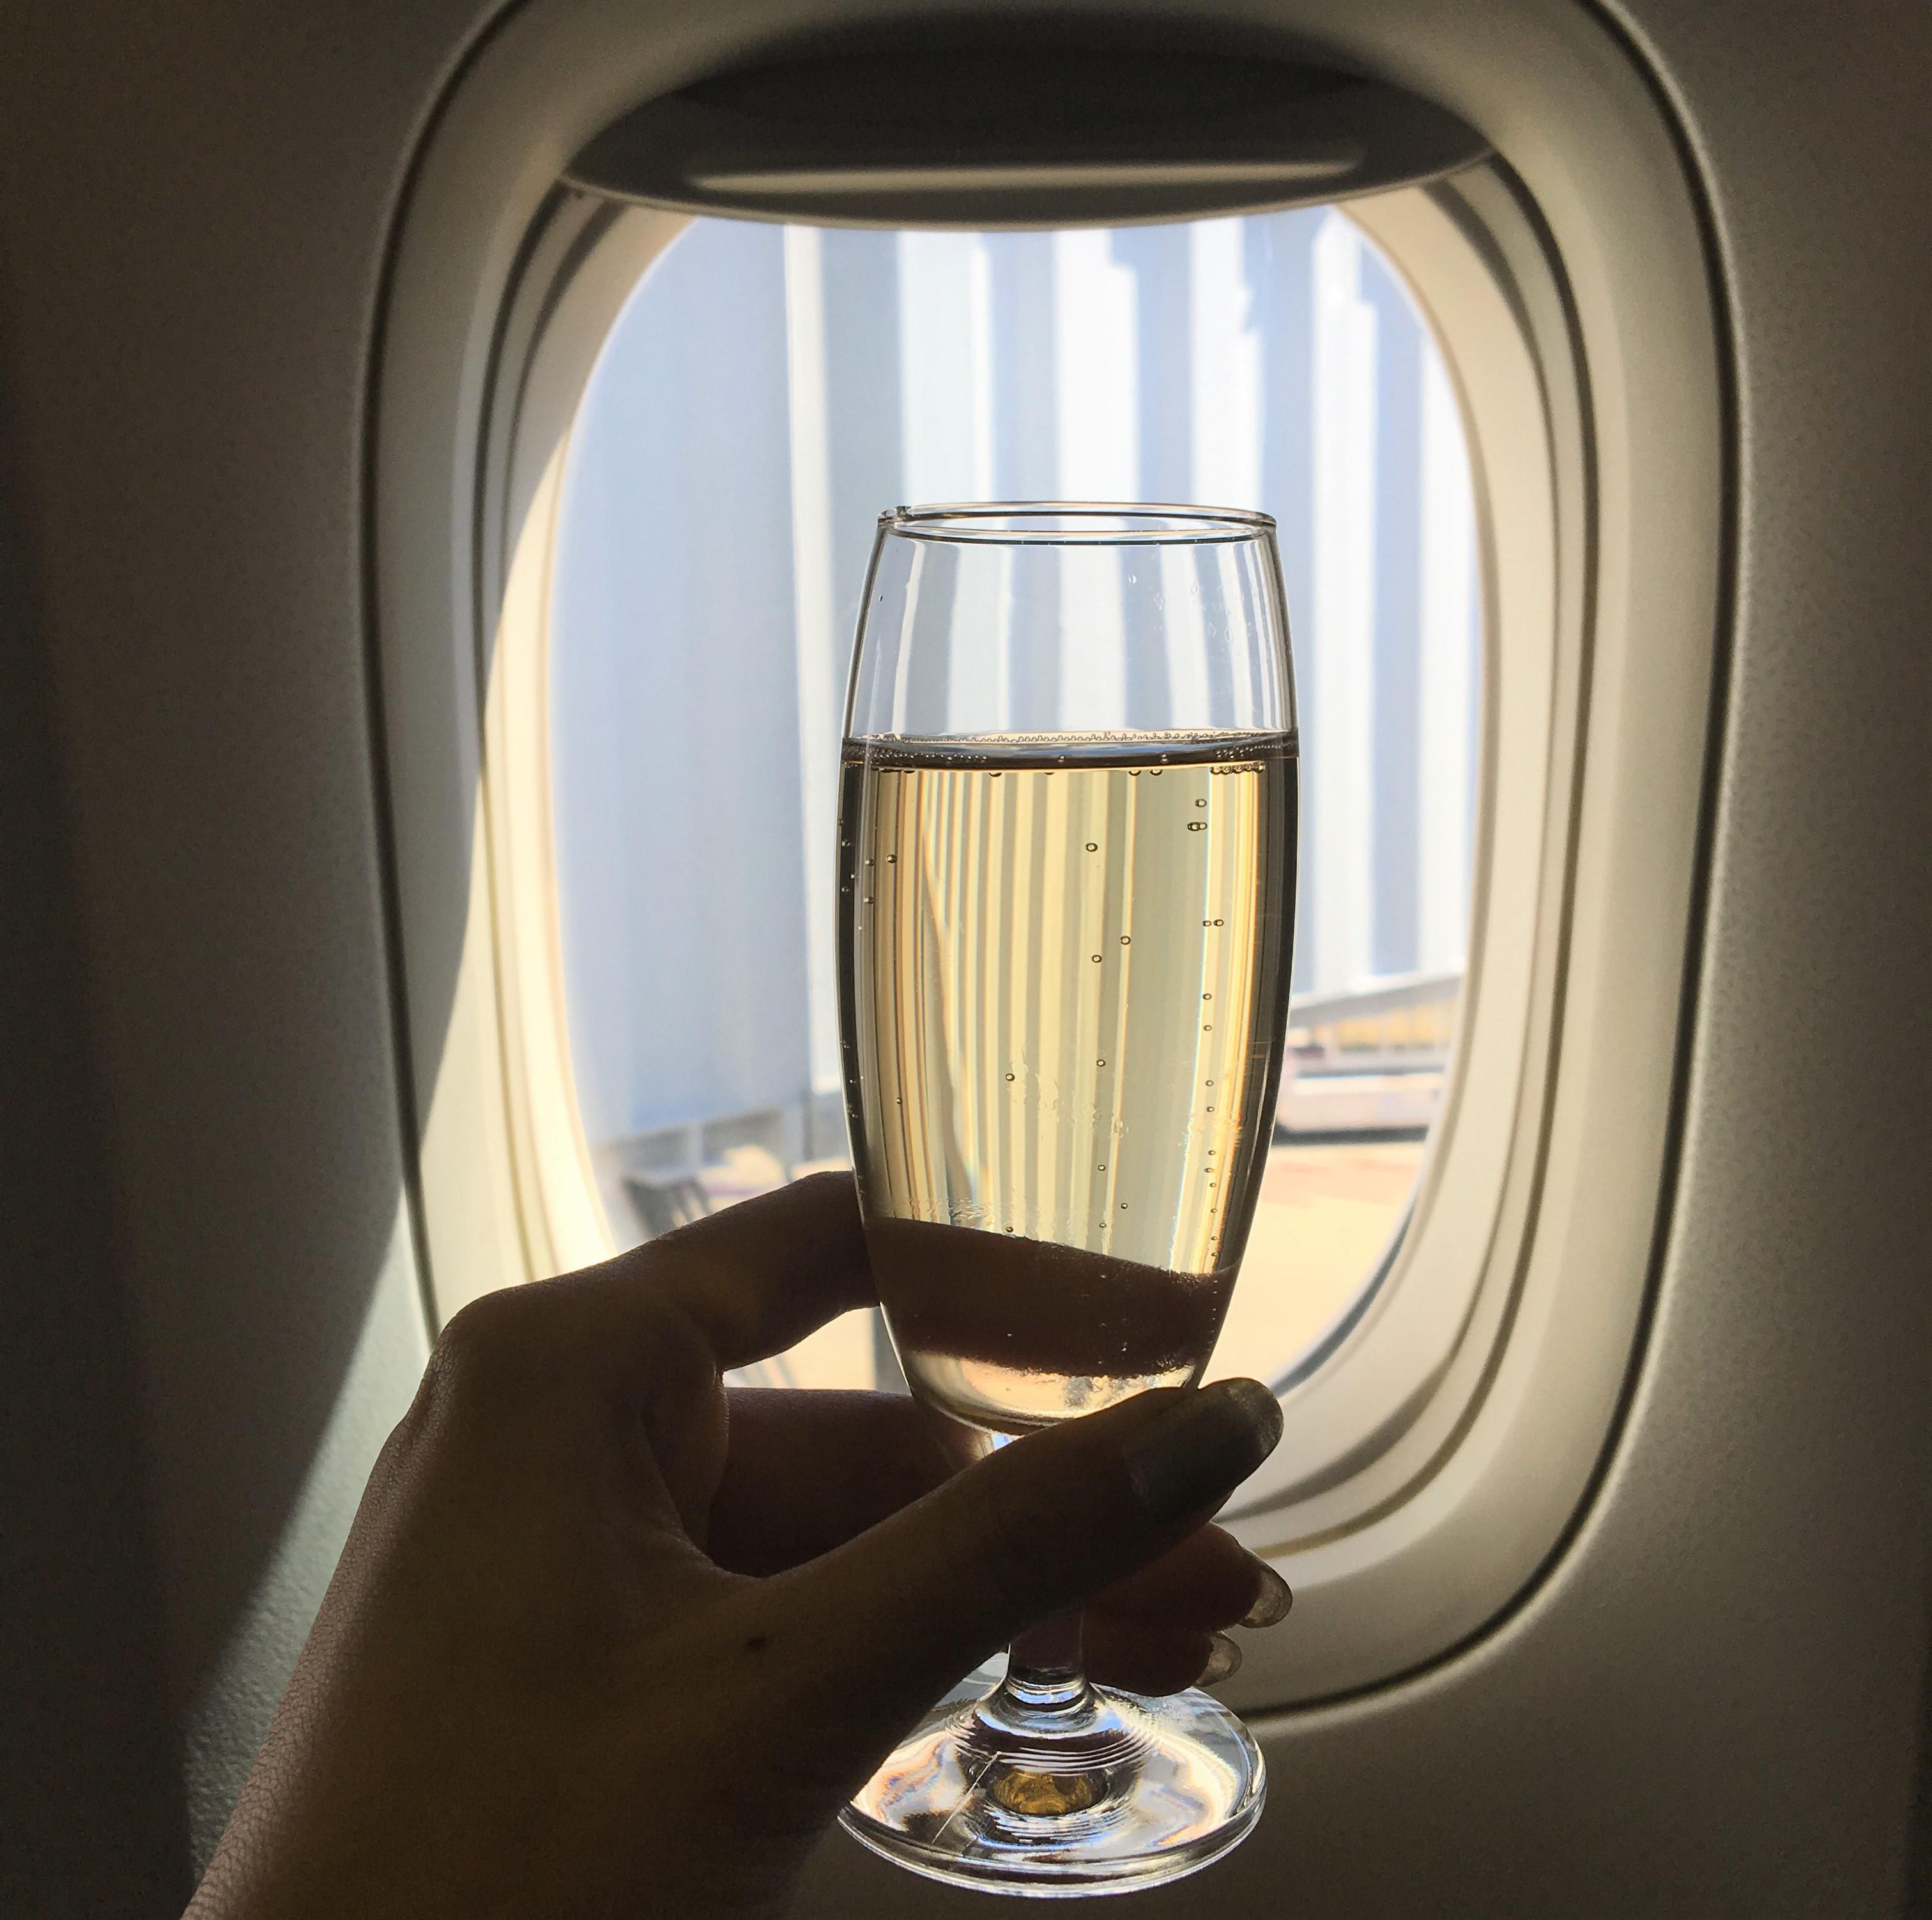 ウェルカムドリンク「シャンパン」で贅沢に乾杯